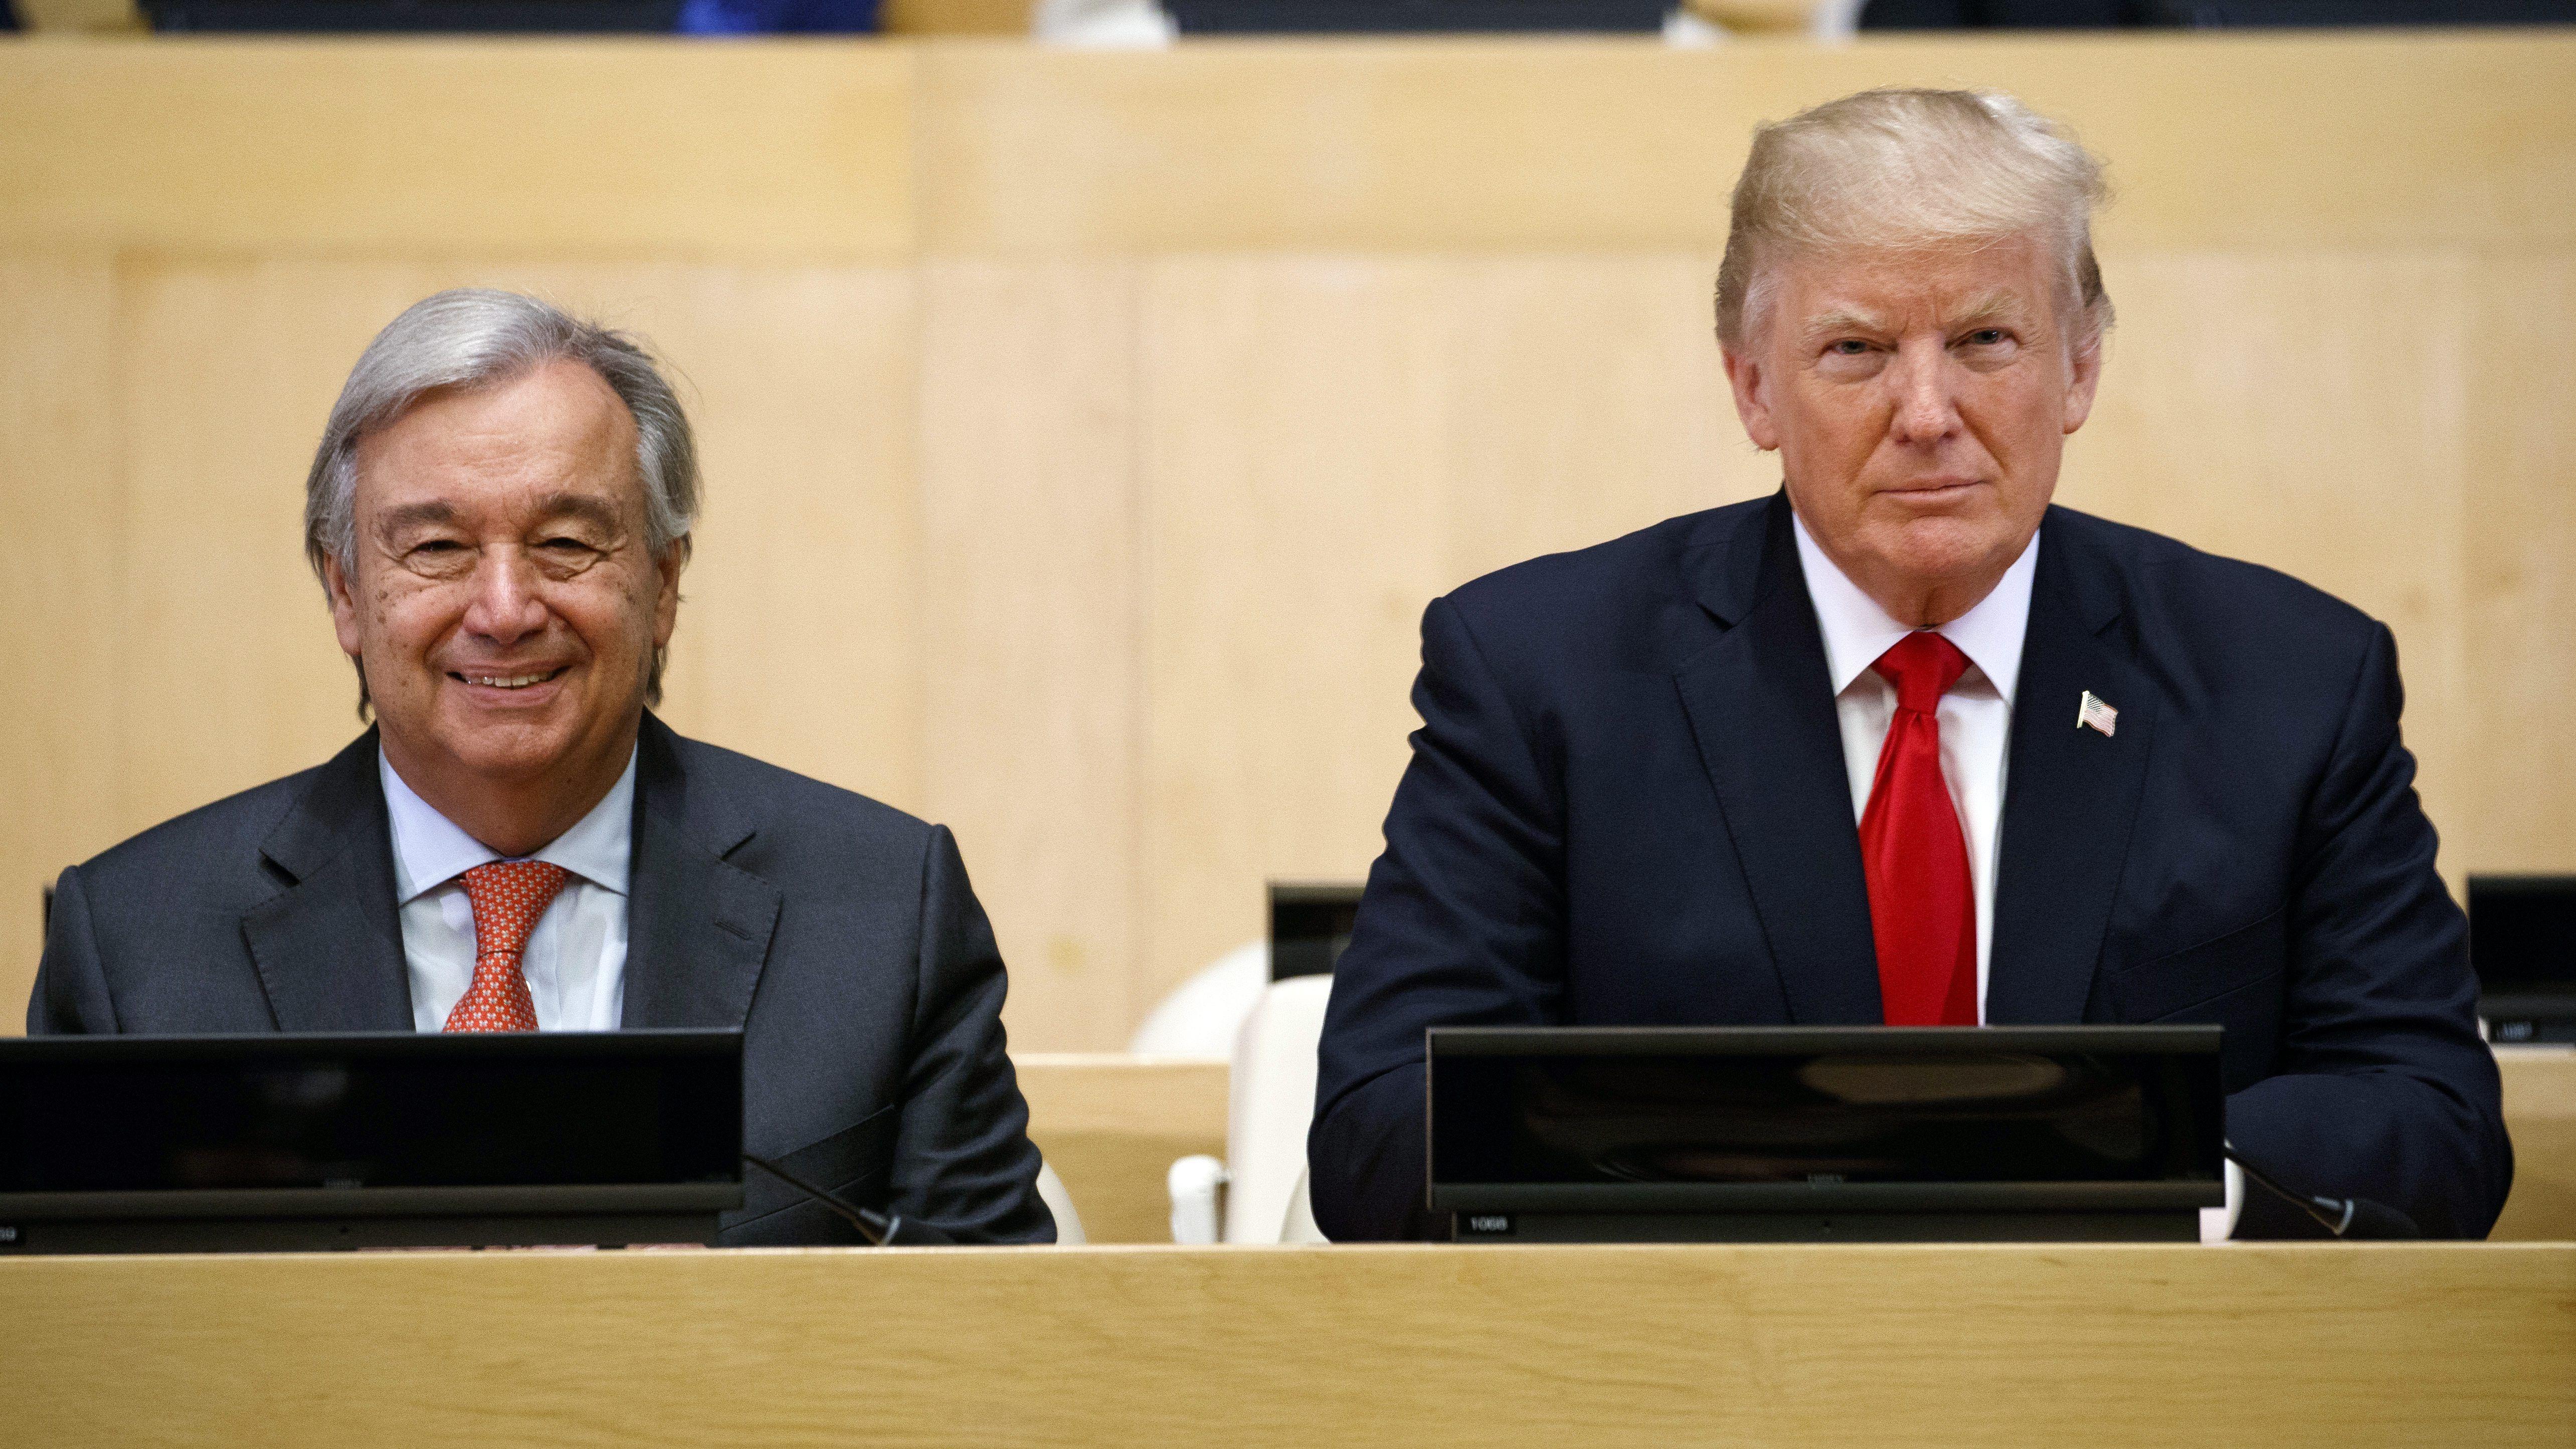 Президент Трамп заметил Генсеку ООН Антонио Гутеррешу, что бюджет ООН увеличился на 140%, а численность персонала – почти вдвое